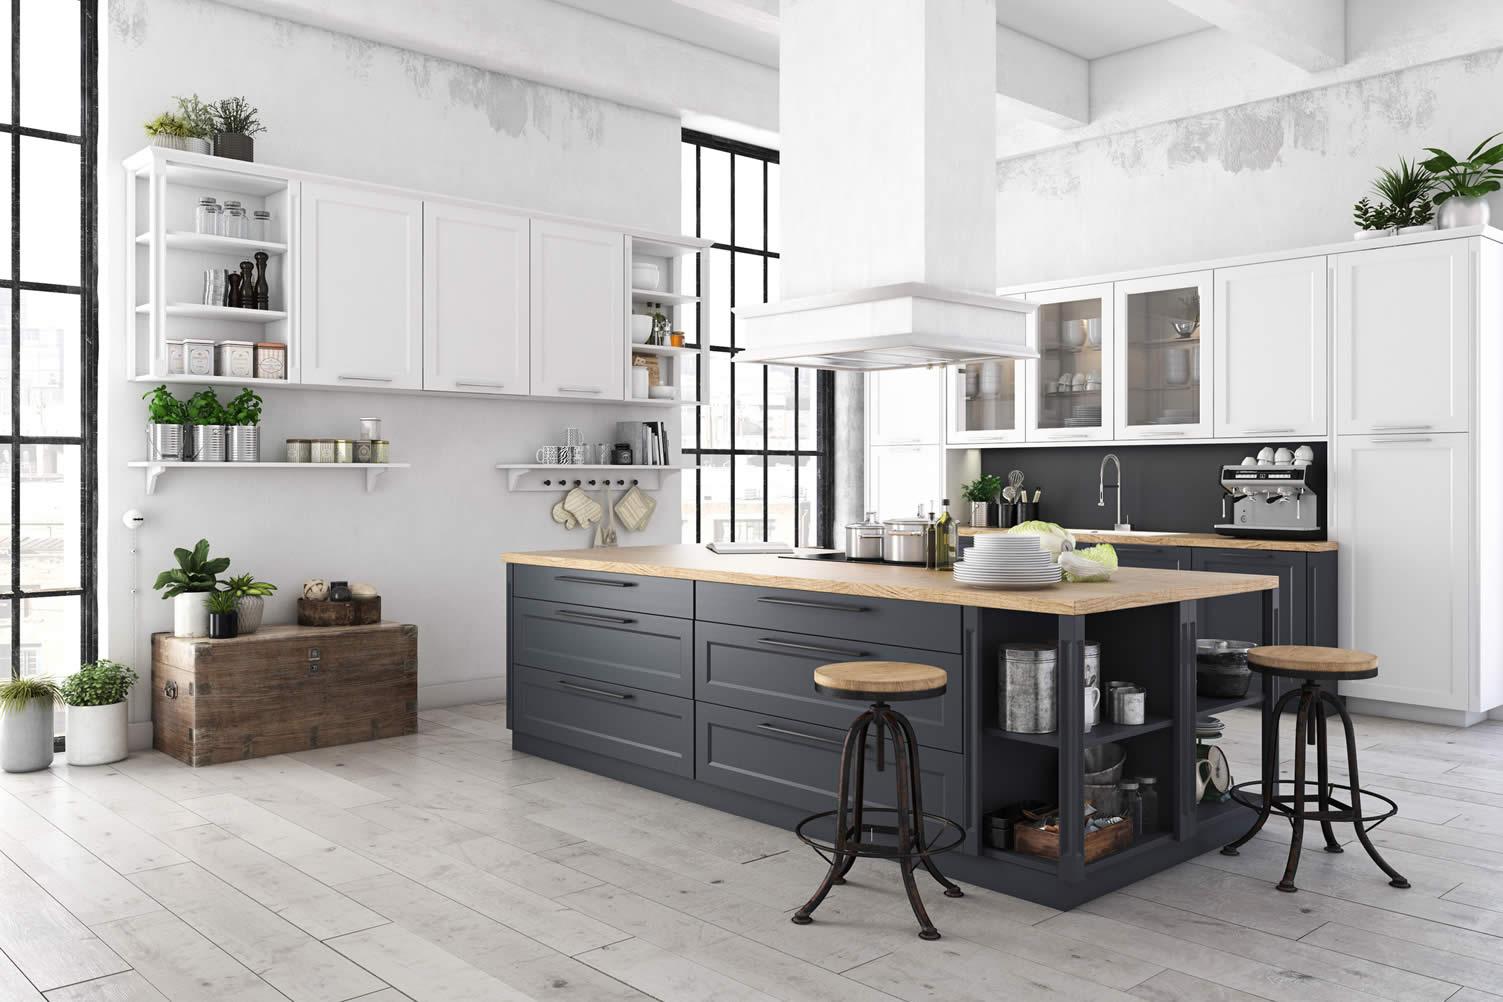 most popular kitchen design styles